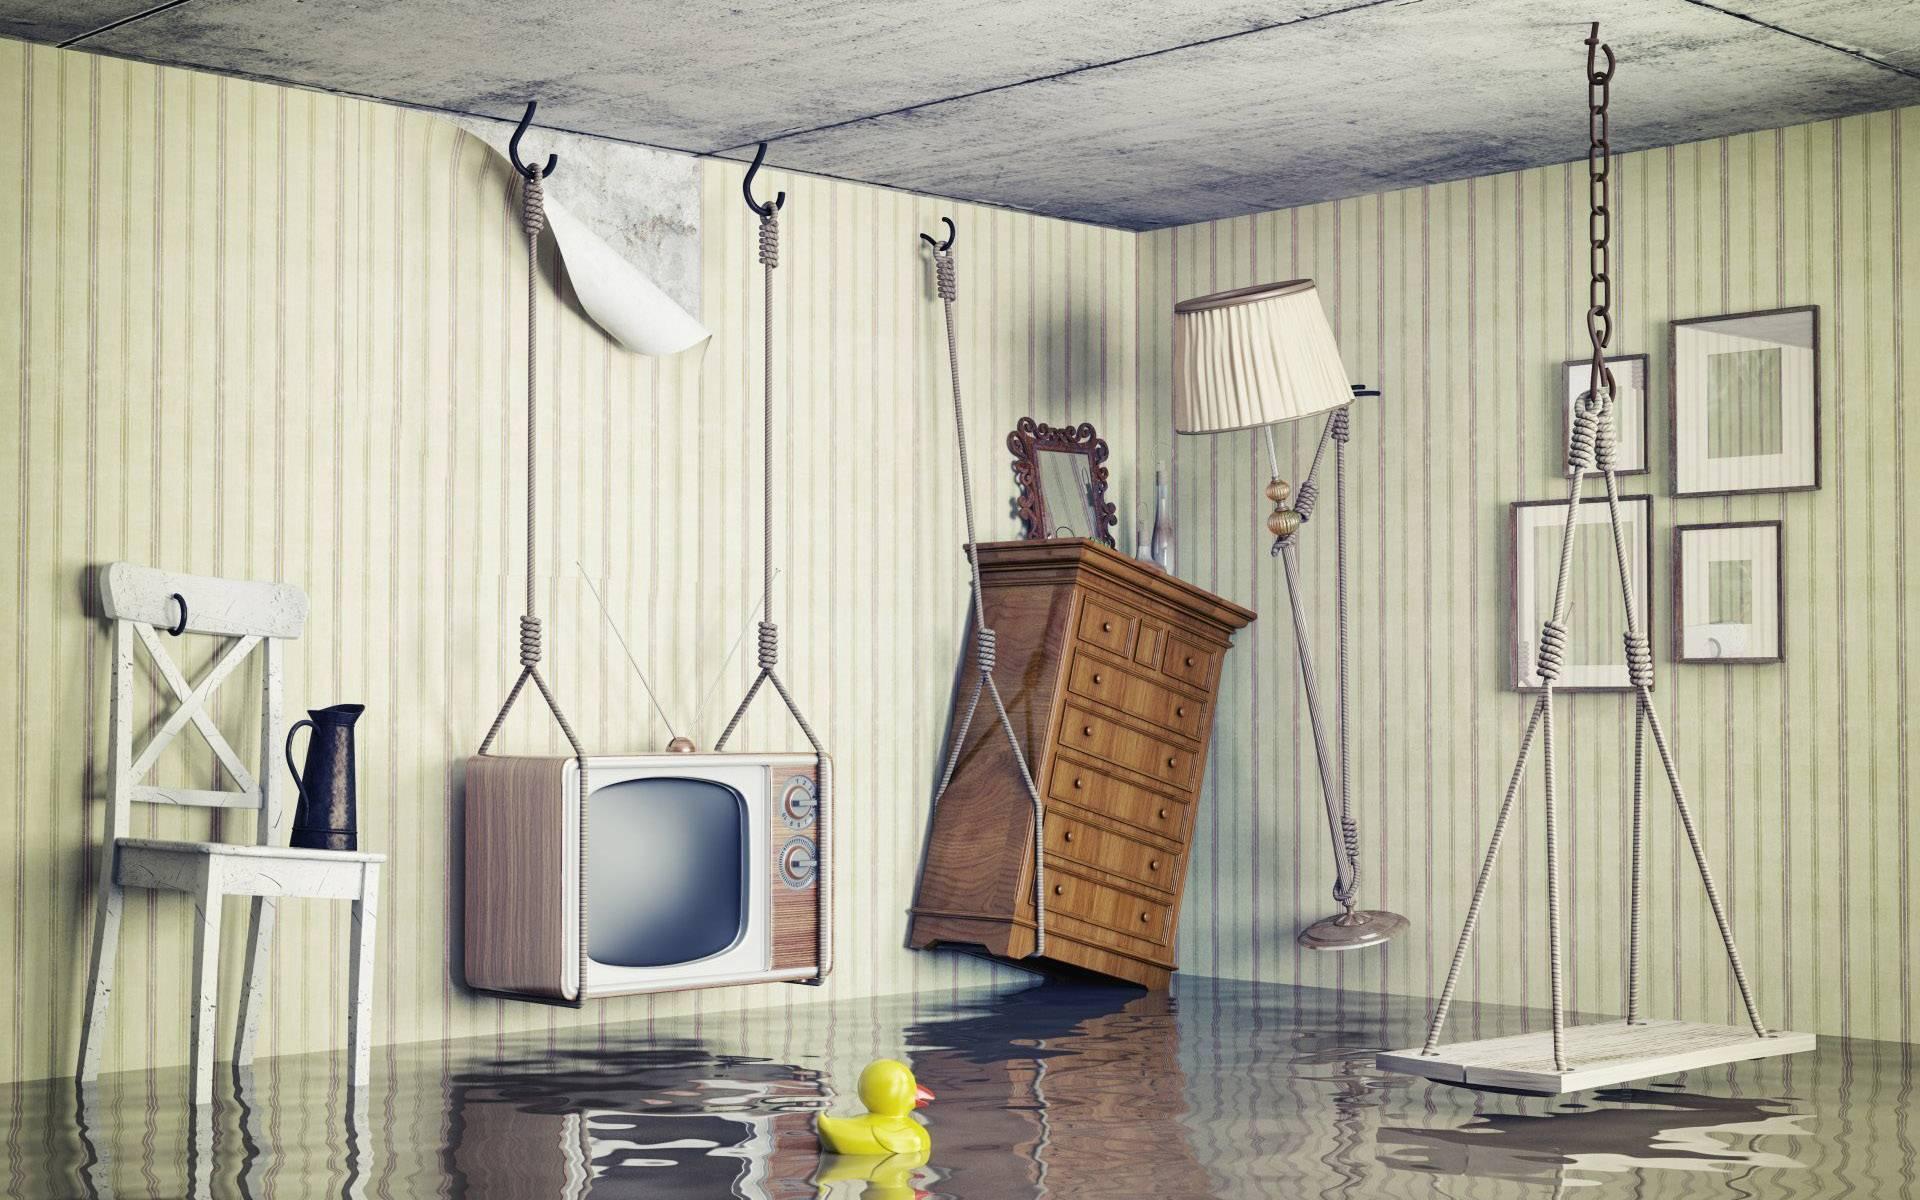 Затопили квартиру - что делать и куда обращаться если тебя топит сосед сверху, как оценить ущерб